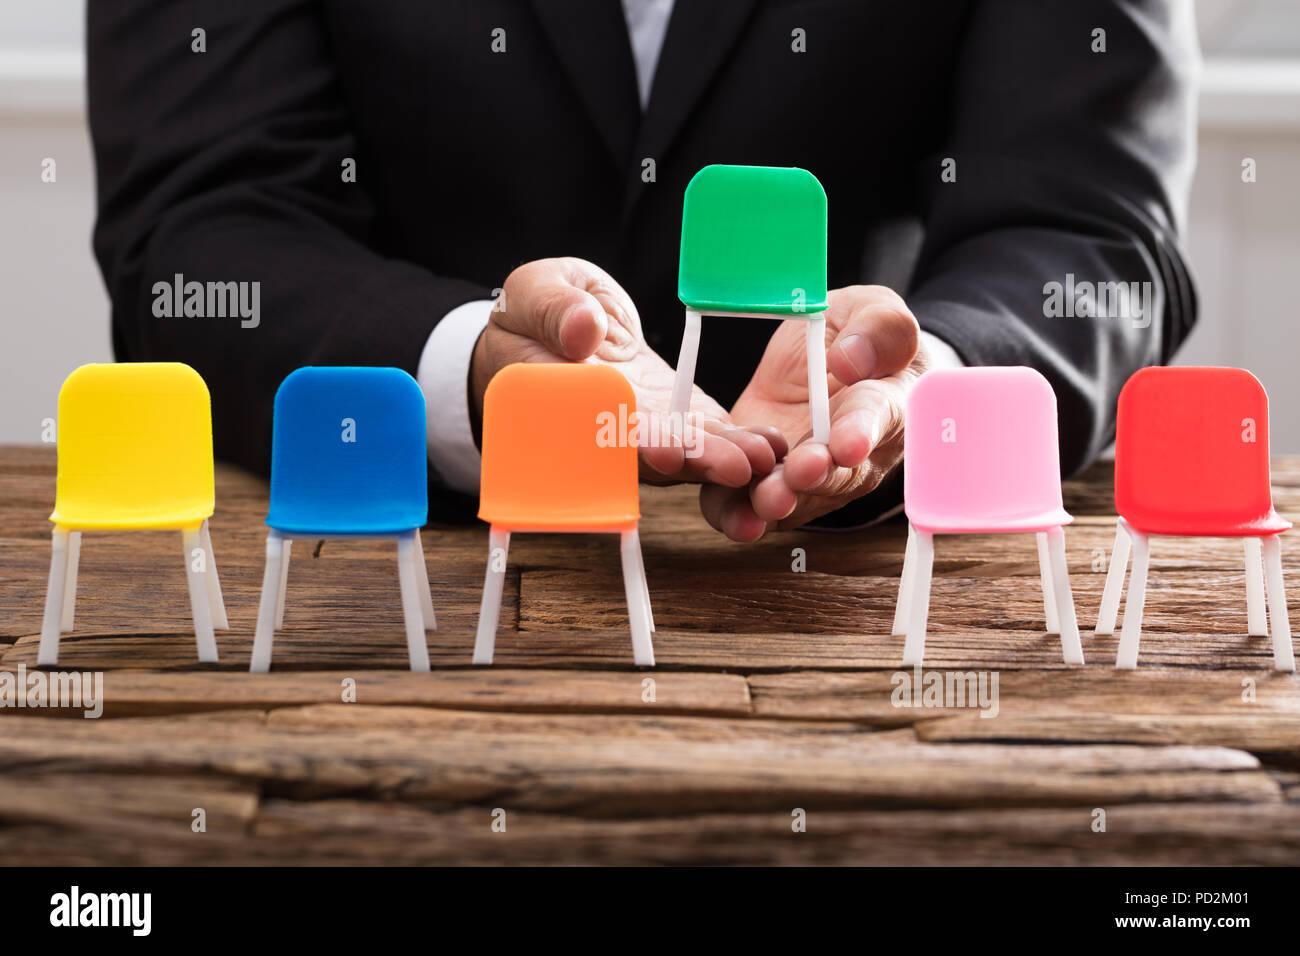 La mano del empresario recogiendo sillón verde entre otros en un mostrador de madera Imagen De Stock